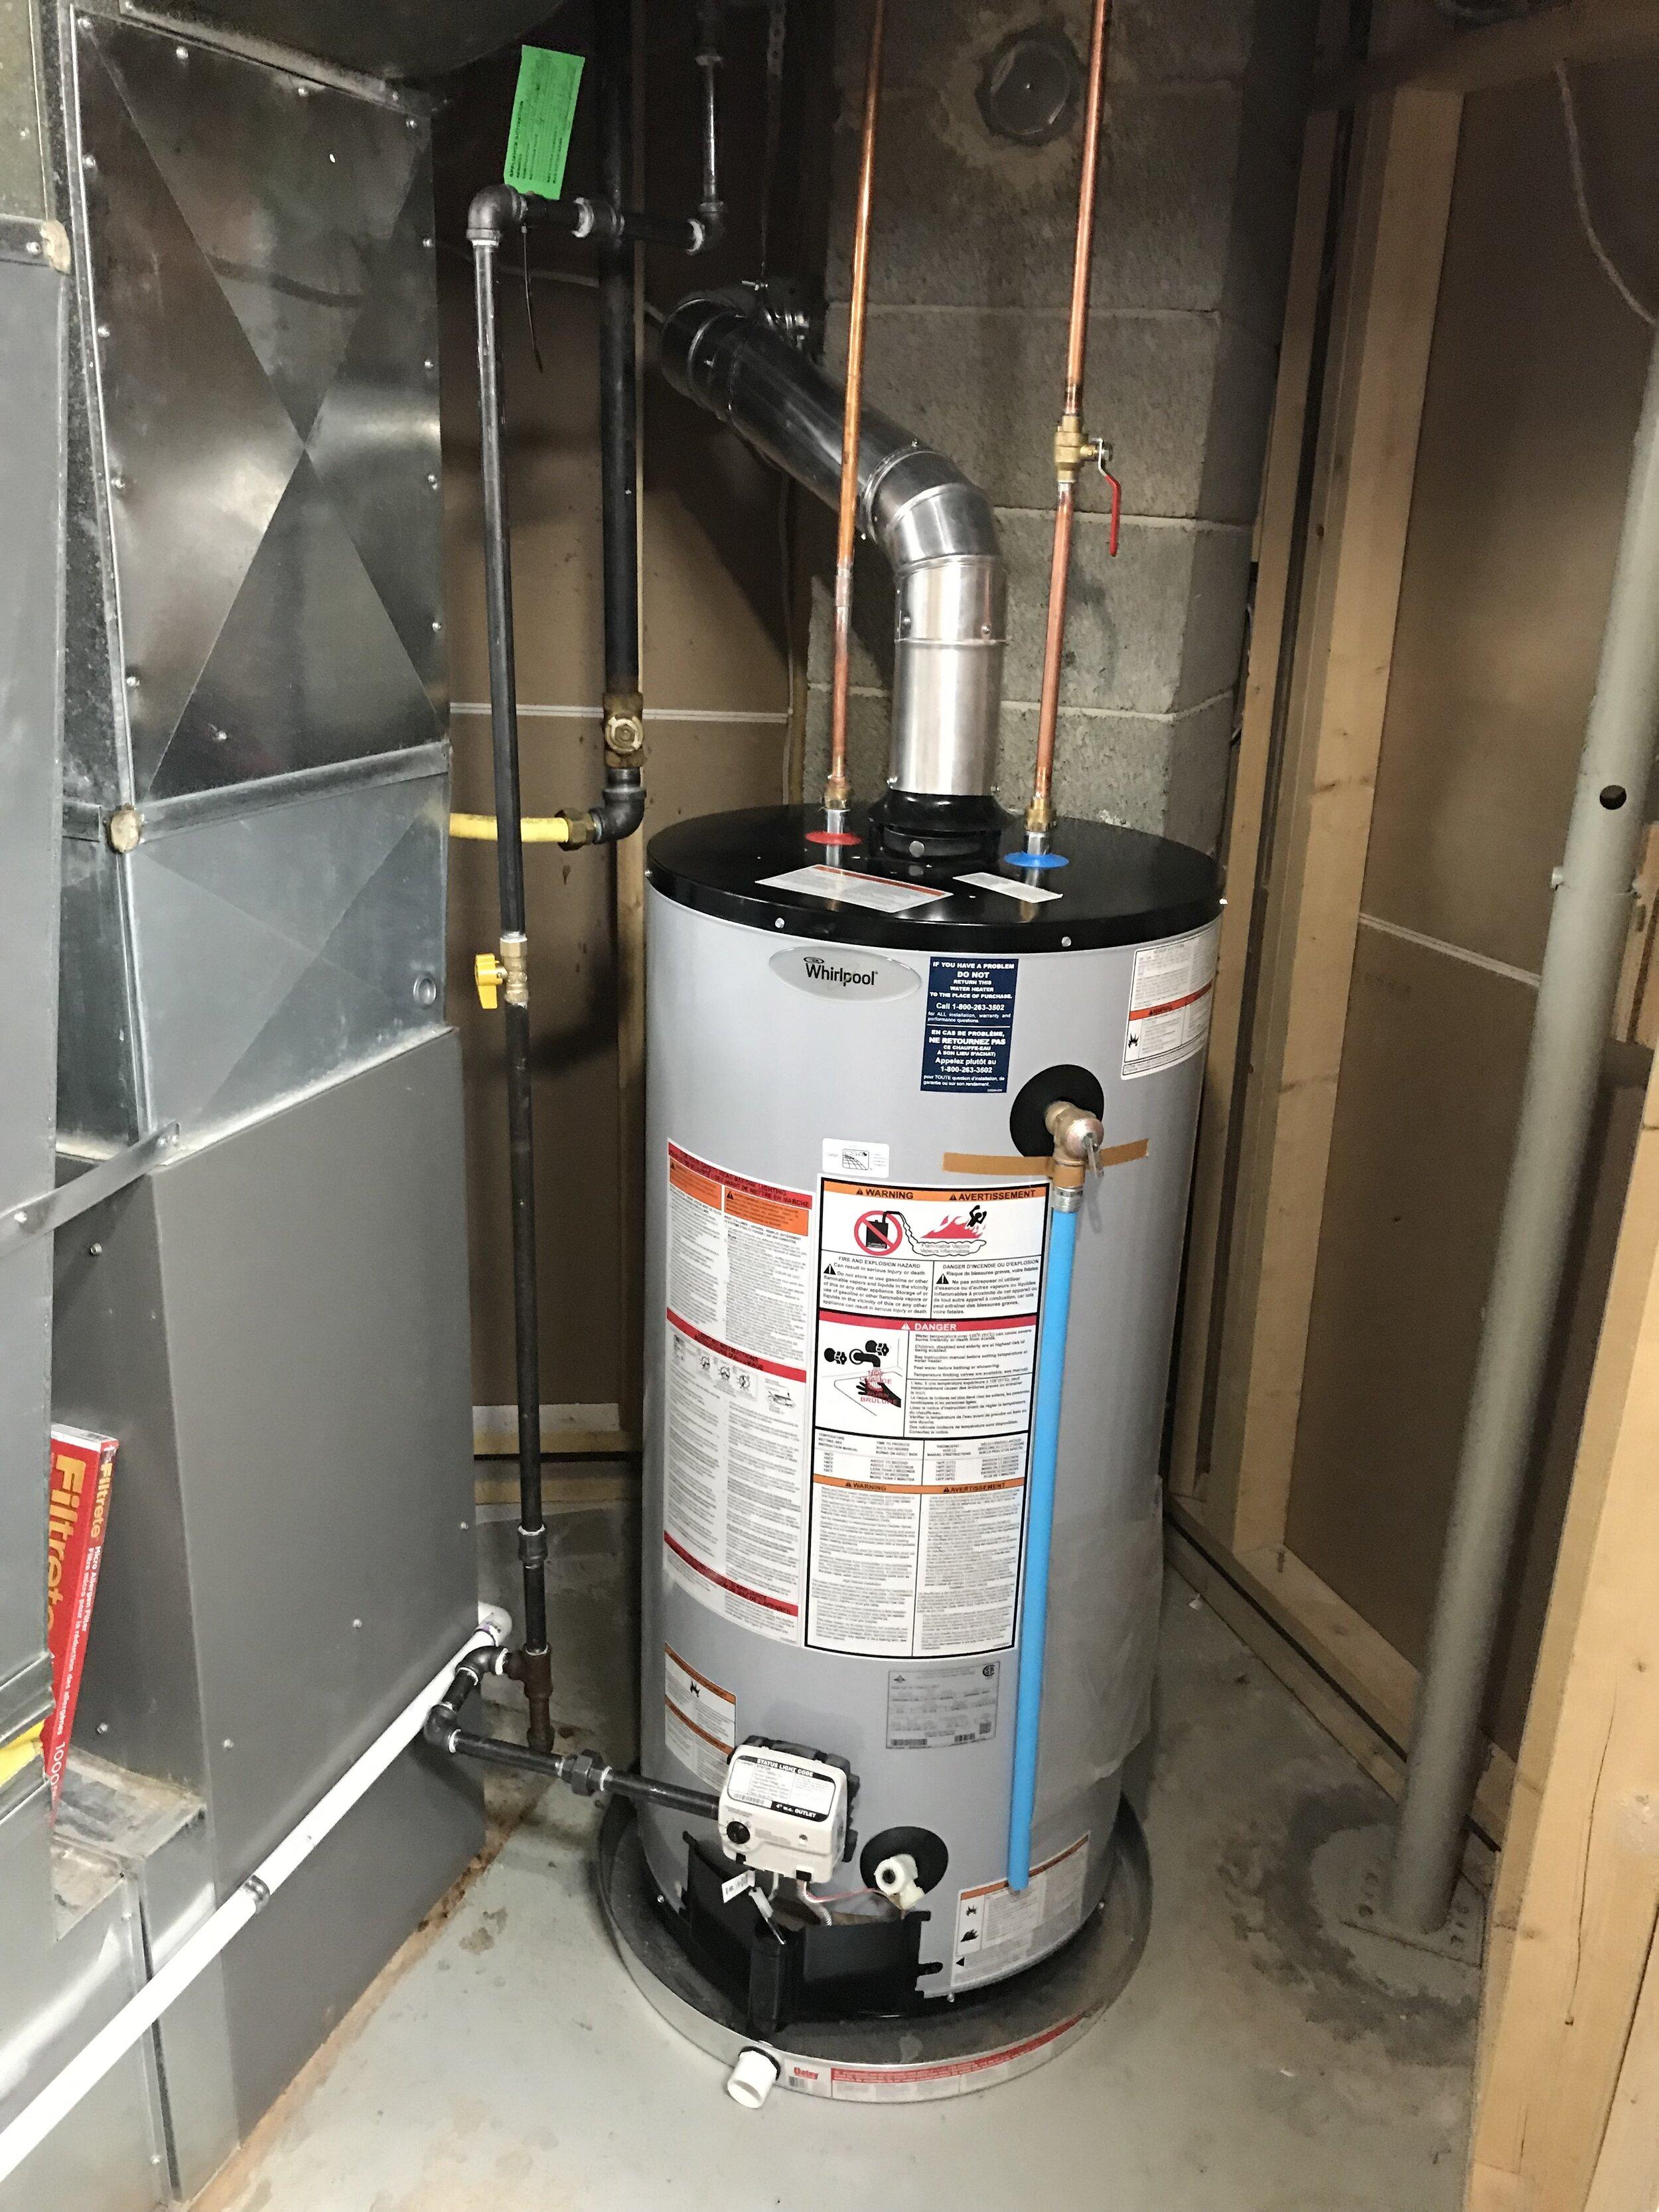 50 gallon Whirlpool Water Heater Installation